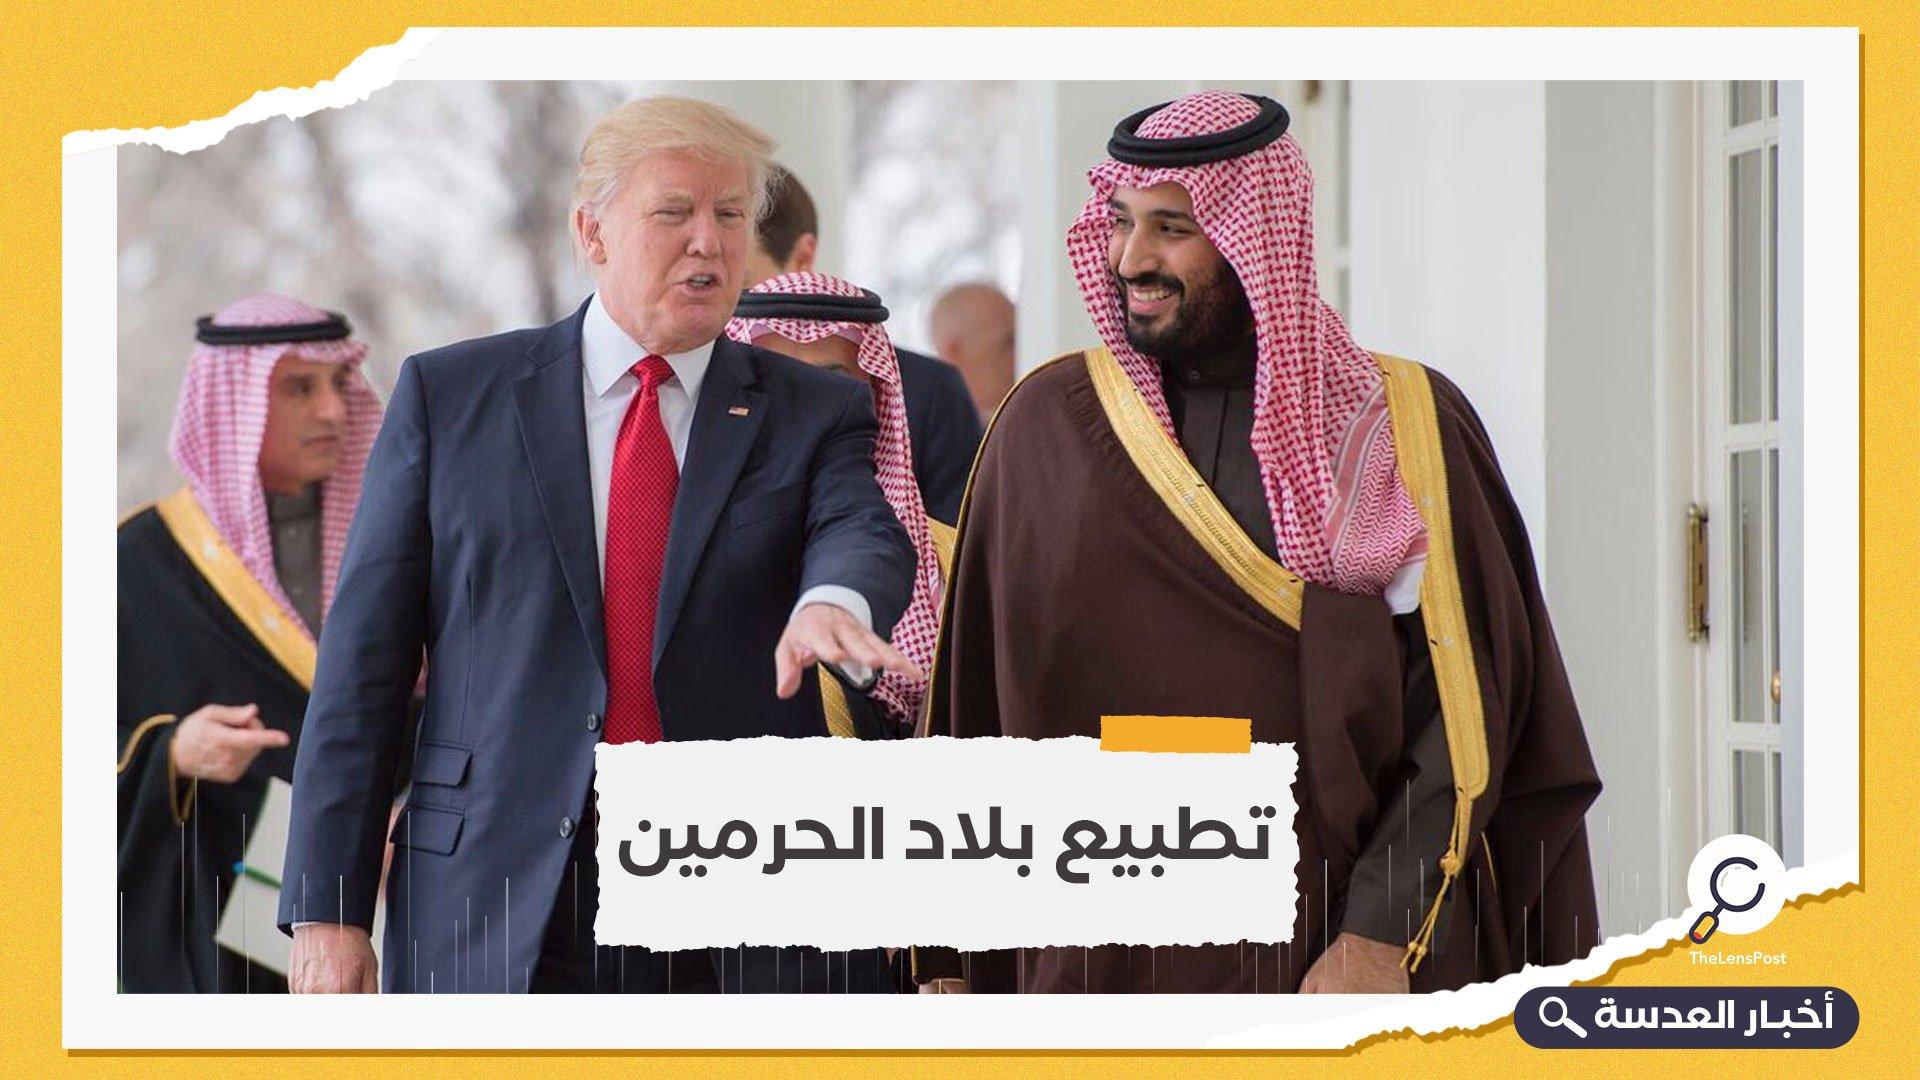 ترامب يجدد التأكيد: السعودية ستطبع مع إسرائيل قريبا جدا